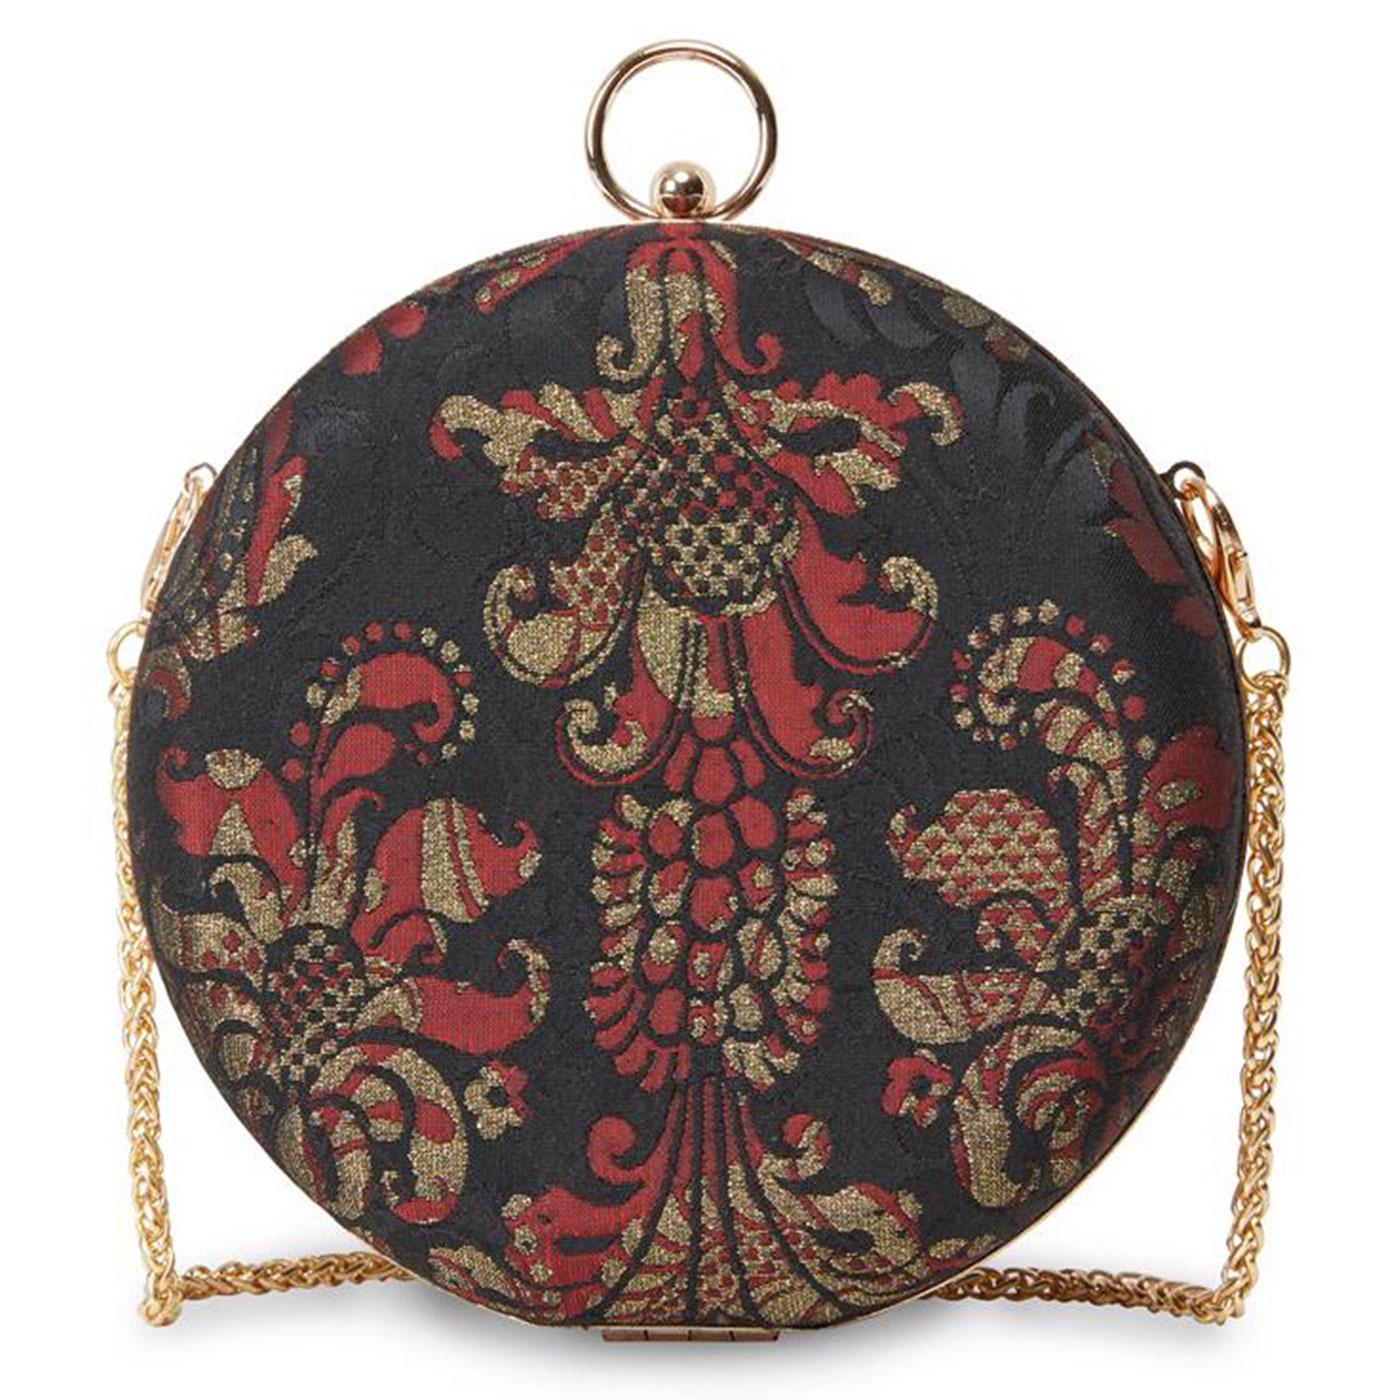 Victoria JOE BROWNS Vintage Brocade Round Box Bag